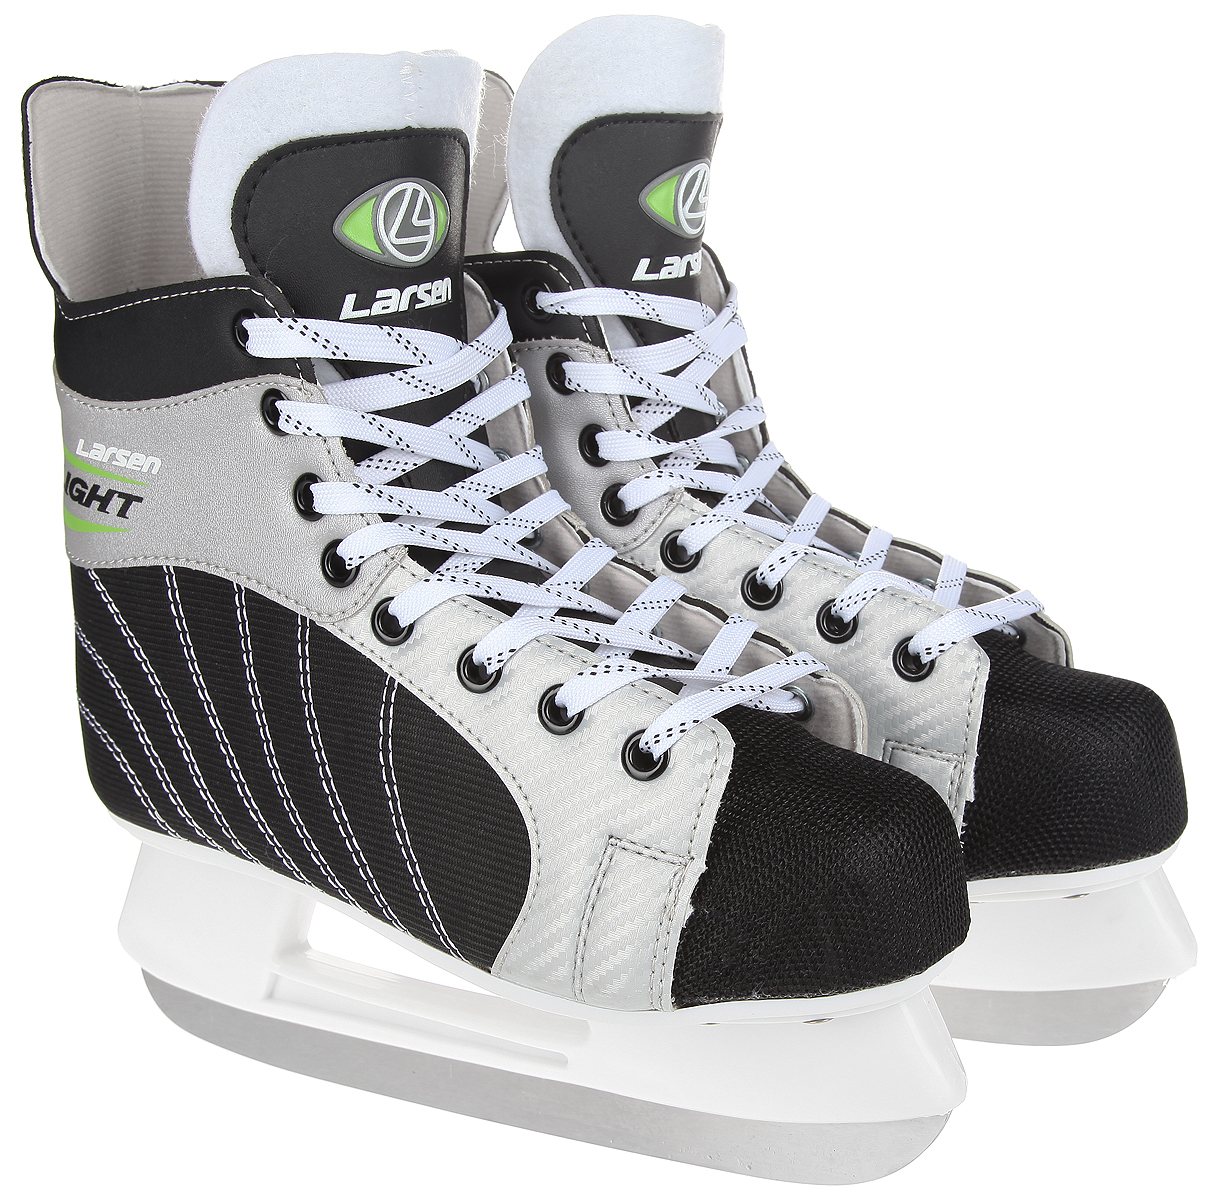 Стильные коньки Light от Larsen прекрасно подойдут для начинающих игроков в хоккей. Ботиноквыполнен из нейлона со вставками из морозоустойчивого поливинилхлорида. Мыс выполнен изполипропилена, покрытого сетчатым нейлоном, который защитит ноги от ударов. Внутреннийслой изготовлен из материала Cambrelle, который обладает высокой гигроскопичностью ивоздухопроницаемостью, имеет высокую степень устойчивости к истиранию, приятен на ощупь,быстро высыхает. Язычок из войлока обеспечивает дополнительное тепло. Плотная шнуровканадежно фиксирует модель на ноге. Голеностоп имеет удобный суппорт. Стелька из EVA стекстильной поверхностью обеспечит комфортное катание. Стойка выполнена изударопрочного пластика. Лезвие из нержавеющей стали обеспечит превосходное скольжение.В комплект входят пластиковые чехлы для лезвия. Рекомендуемая температураиспользования: до -20°C.